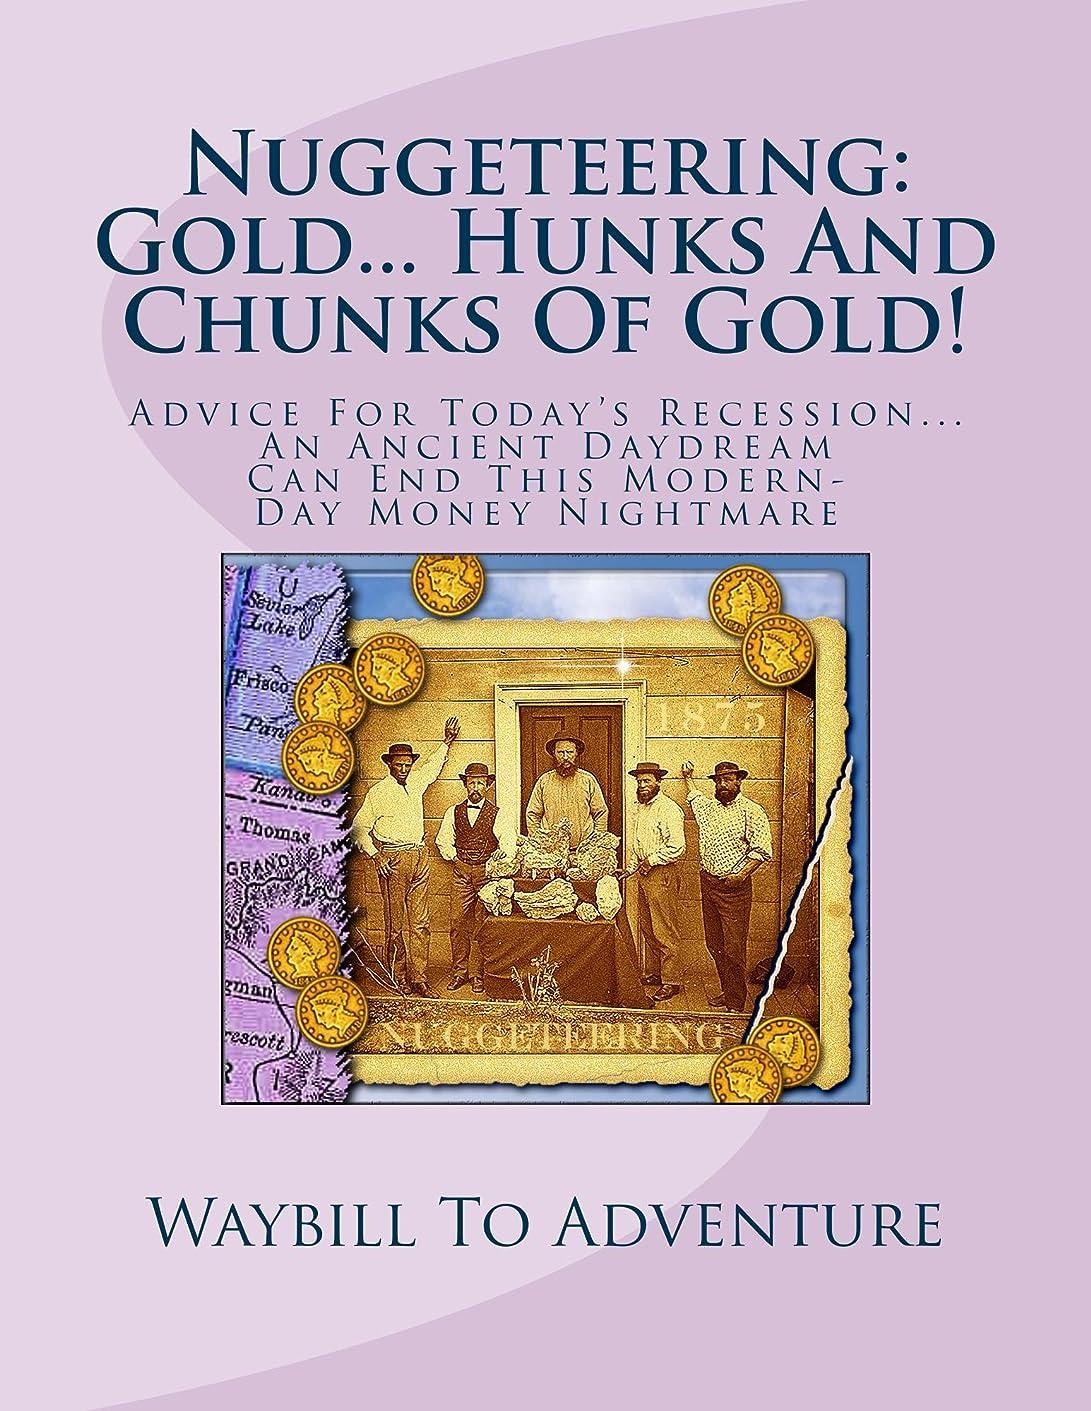 ラインナップ通り可塑性Nuggeteering: Gold... Hunks And Chunks Of Gold! (Treasure Bits And Bytes Series Book 72) (English Edition)